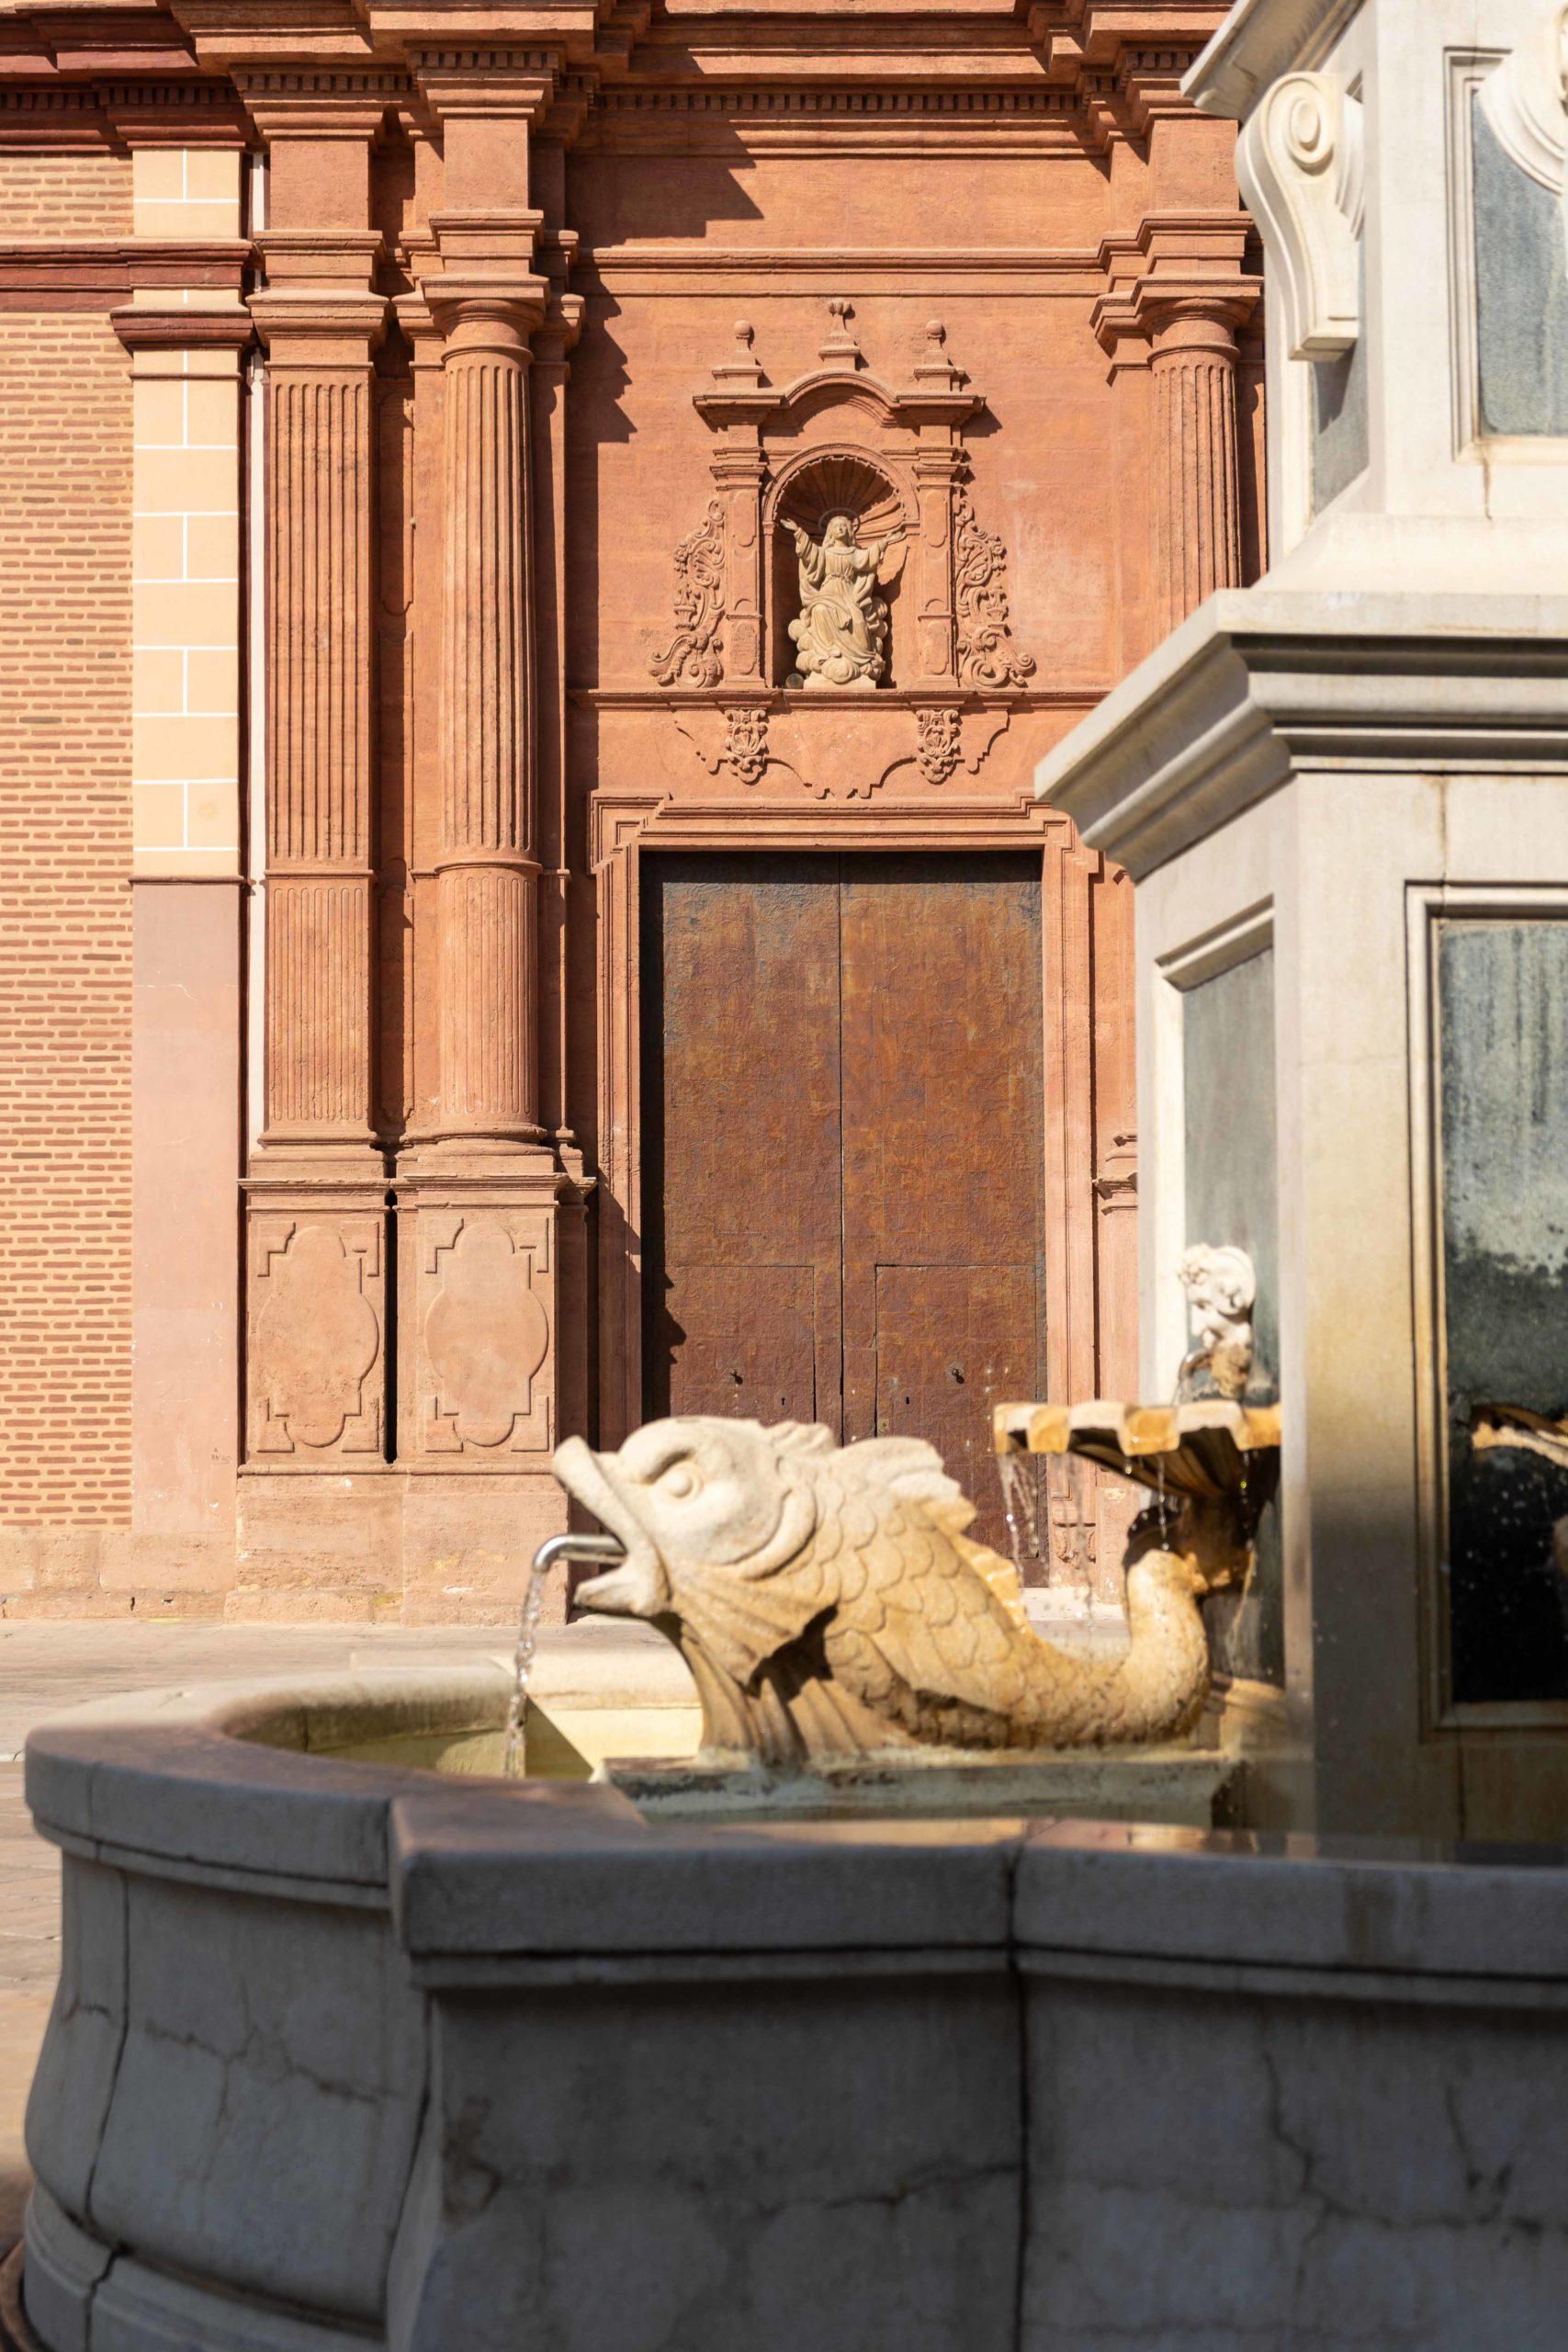 Iglesia de la Asunción. Monumento a visitar en la Huerta Valenciana